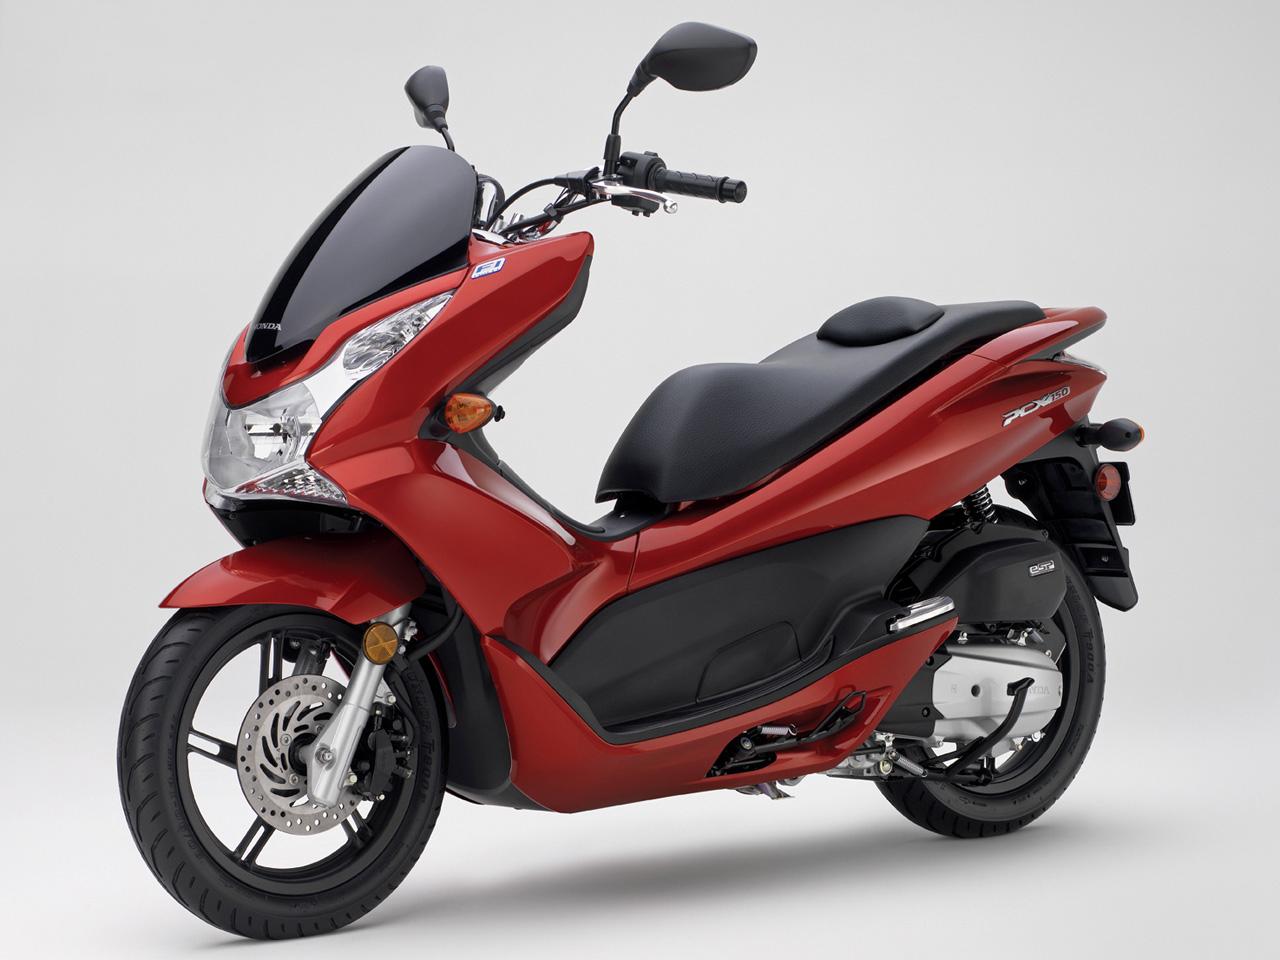 Confira as fotos do novo PCX 150 da Honda: